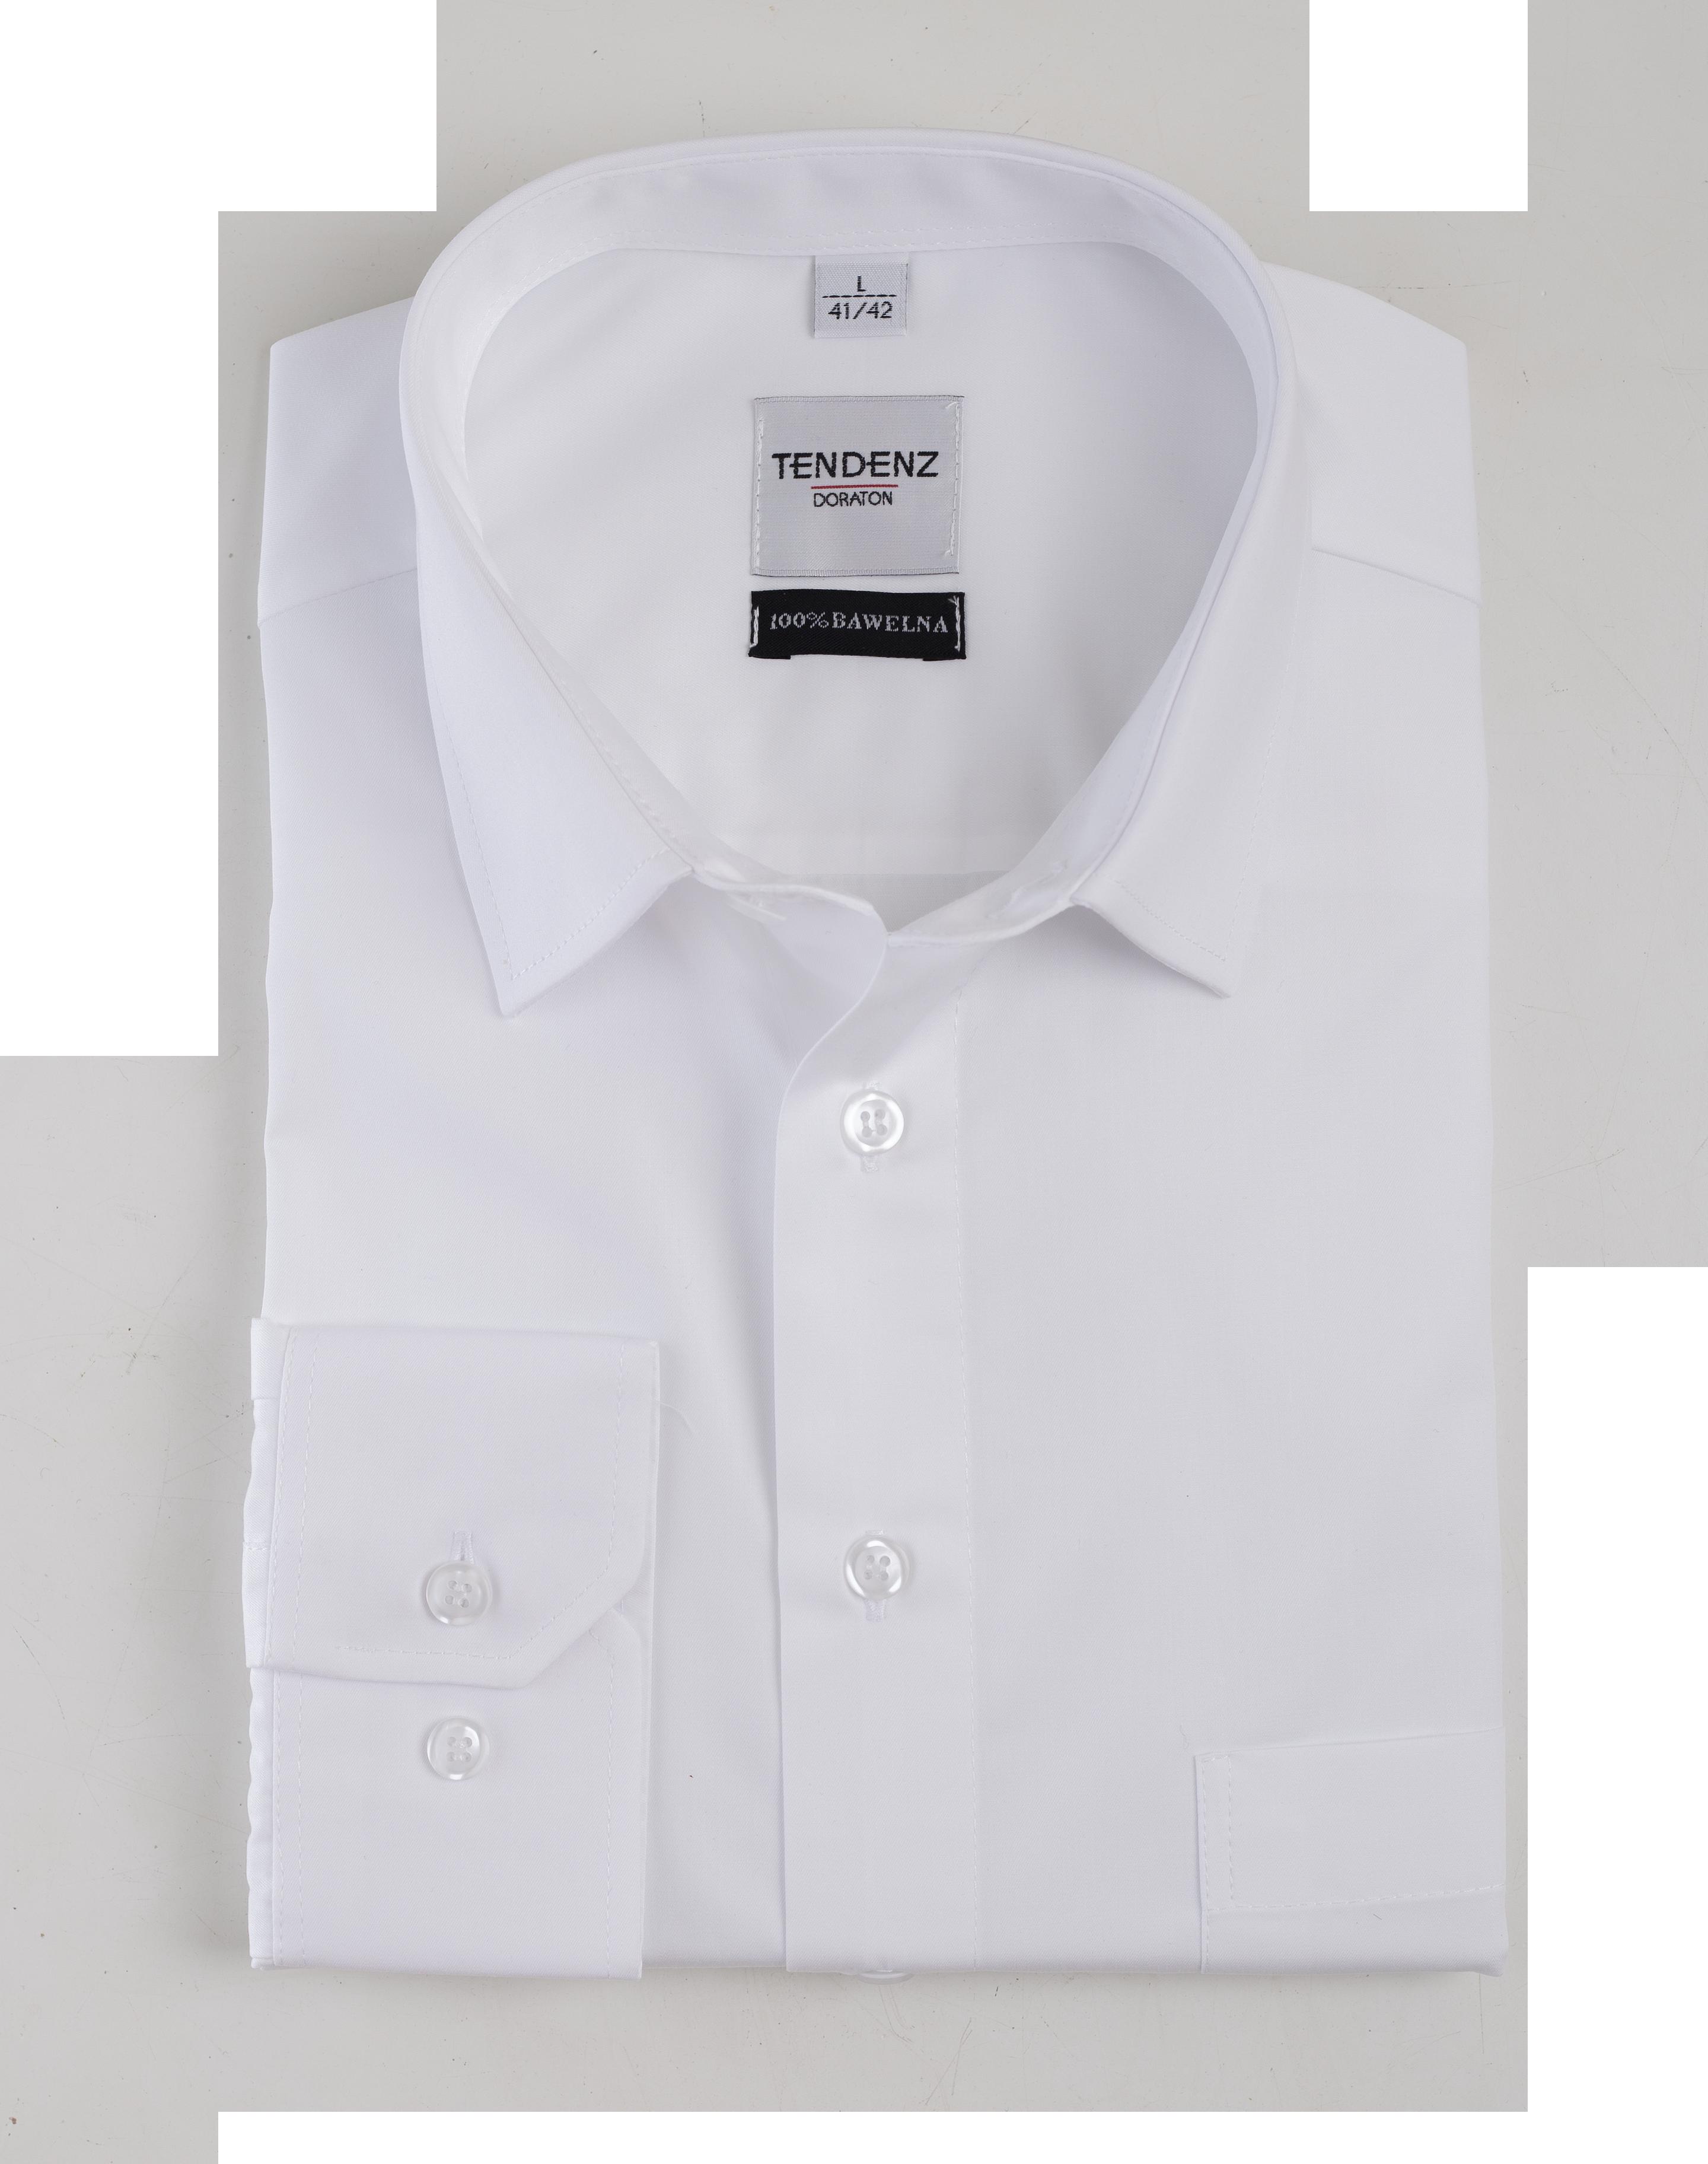 K30 - Koszula męska DORATON slim z długim rękawem